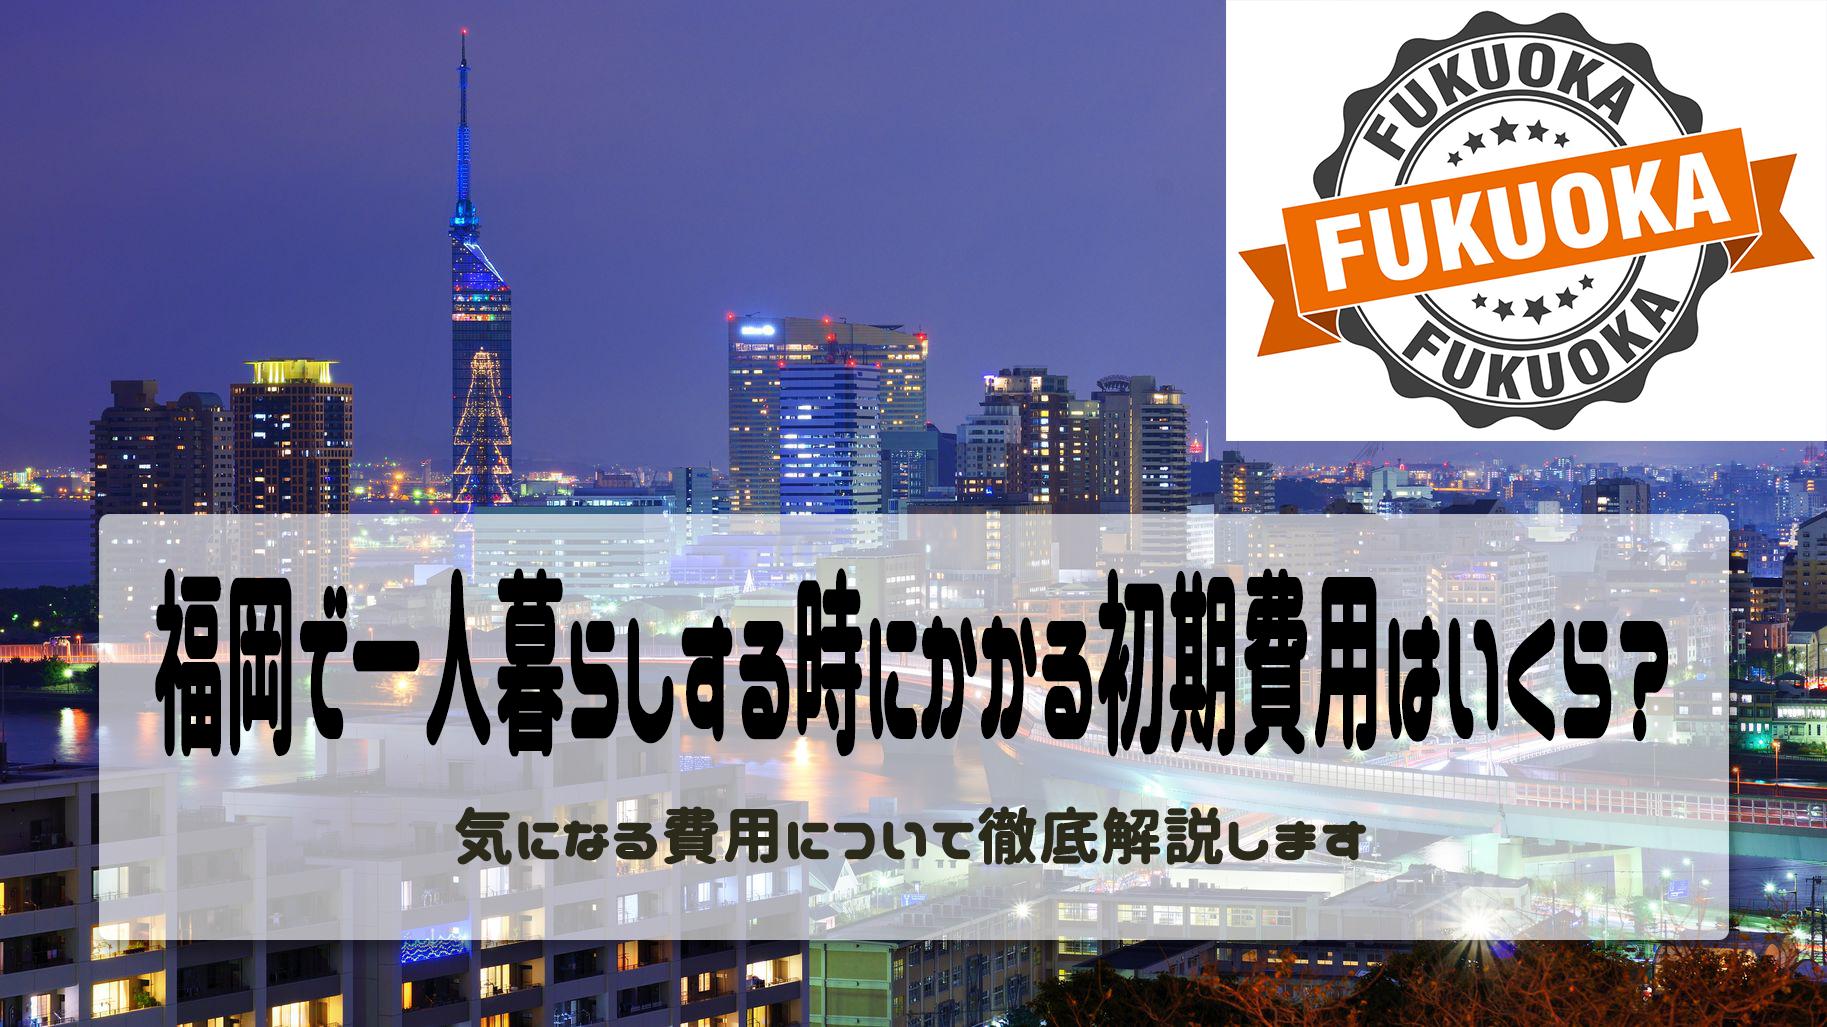 福岡で一人暮らしする時にかかる初期費用はいくら?